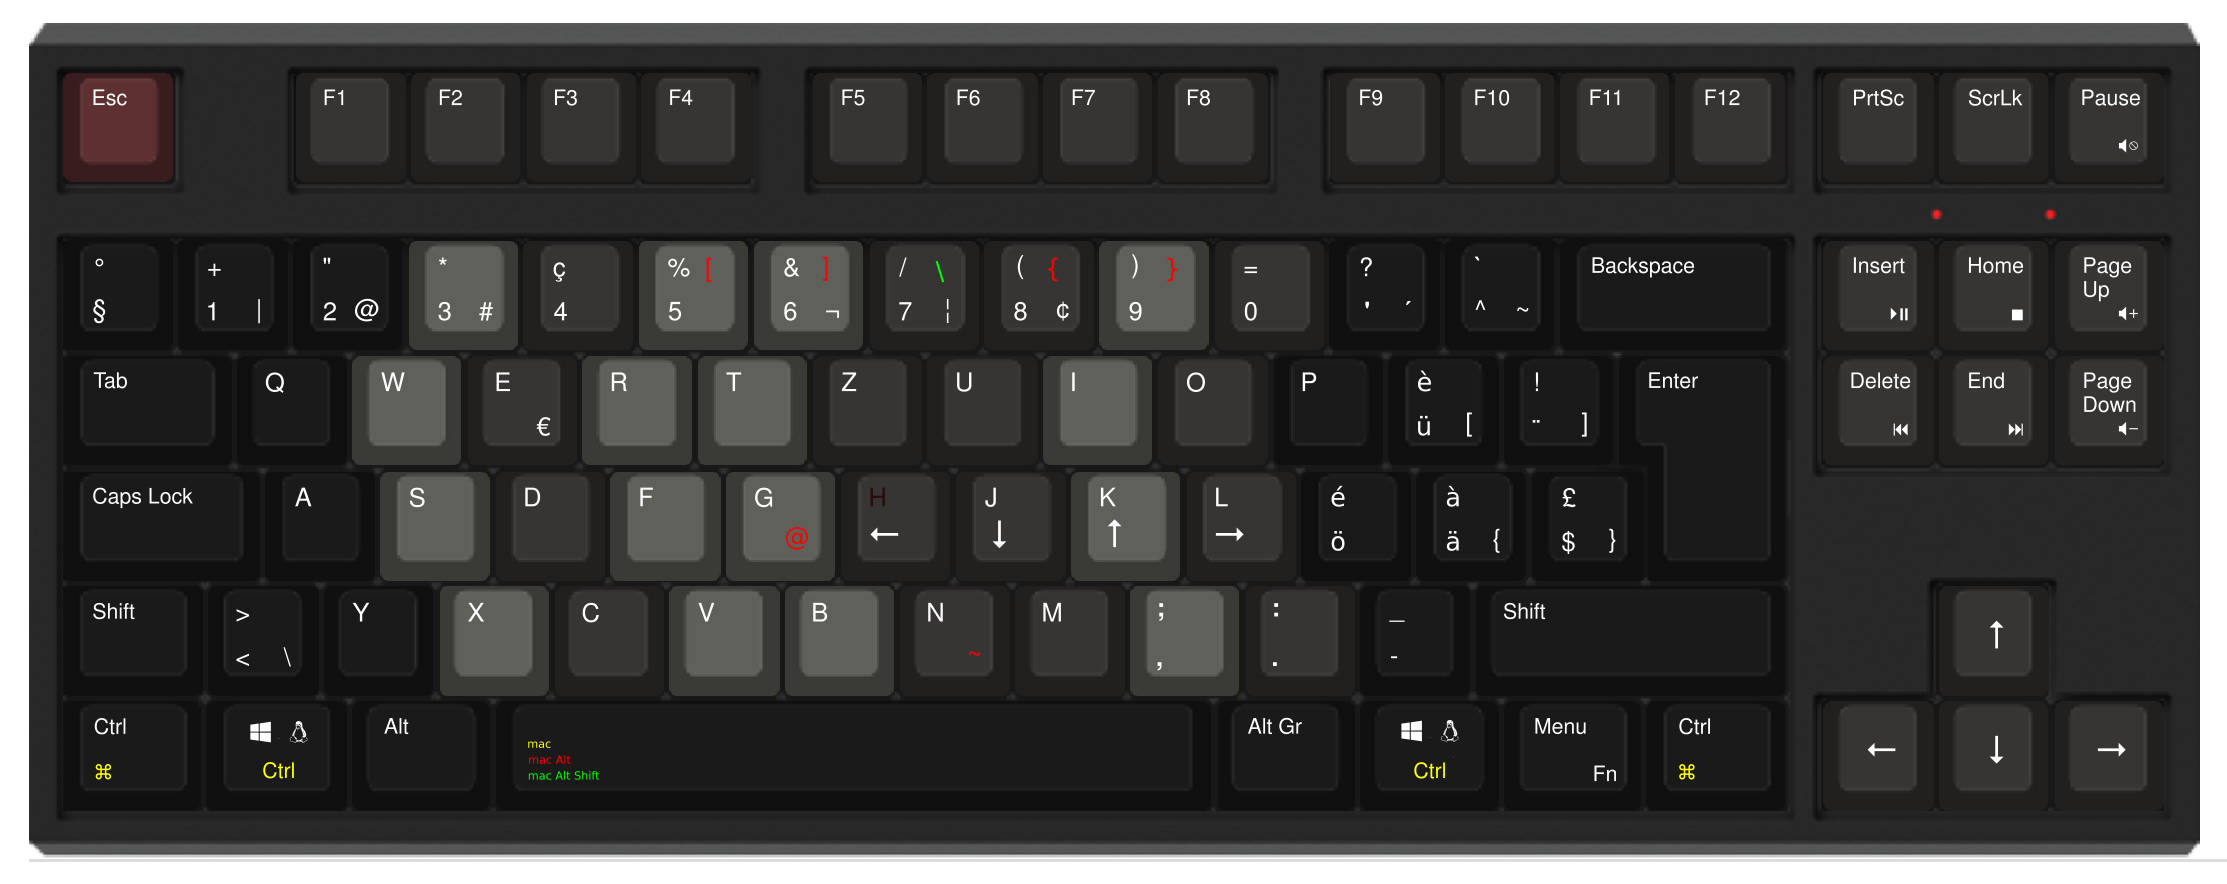 SWISS Keyboard